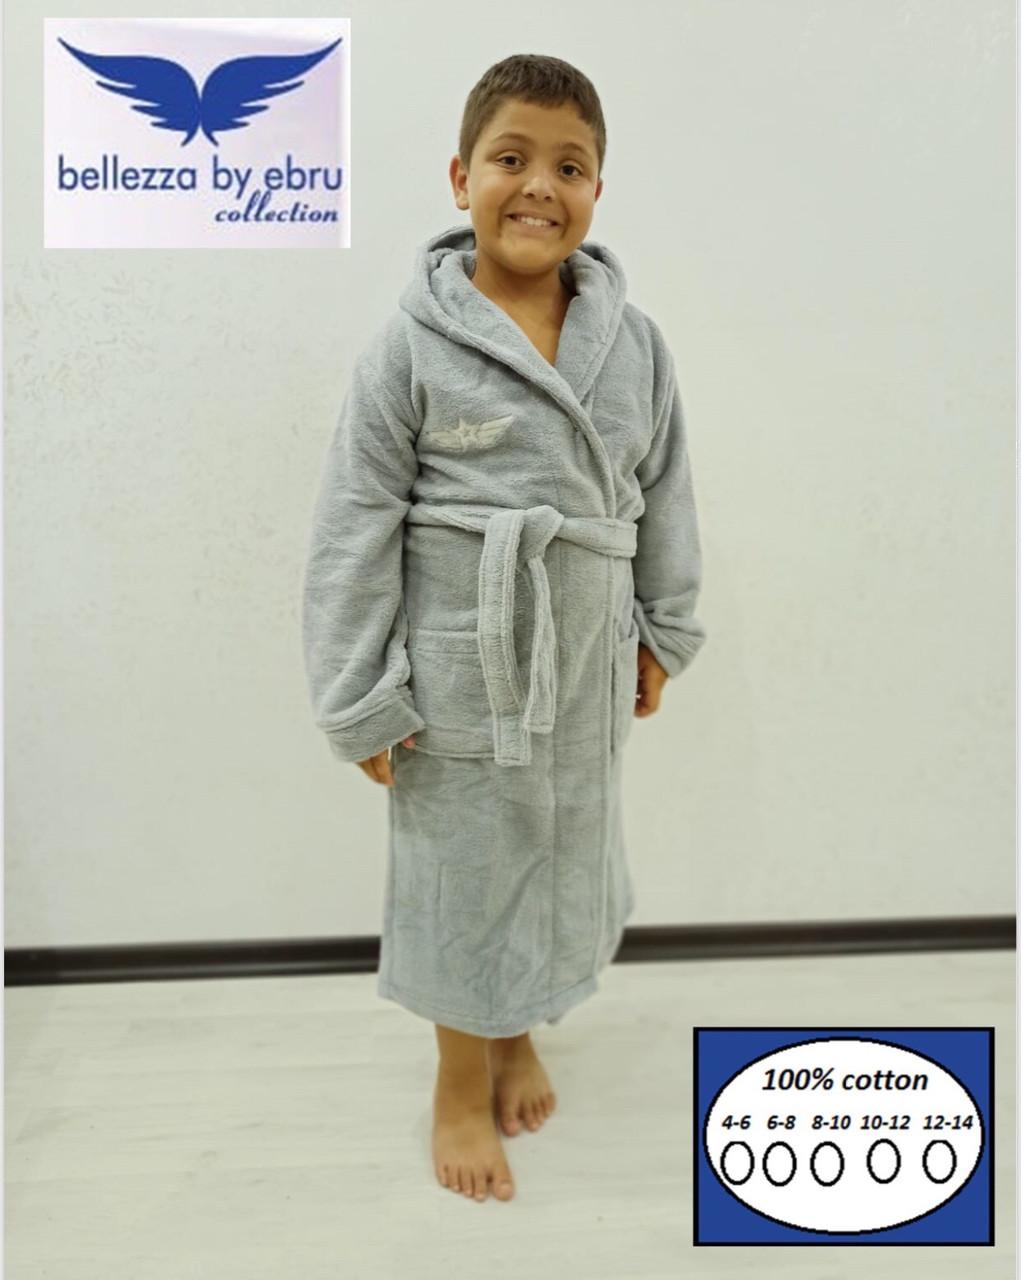 Детский Халат Для Мальчика Бамбуковый Bellezza By Ebru Турция Серого Цвета С Вышивкой